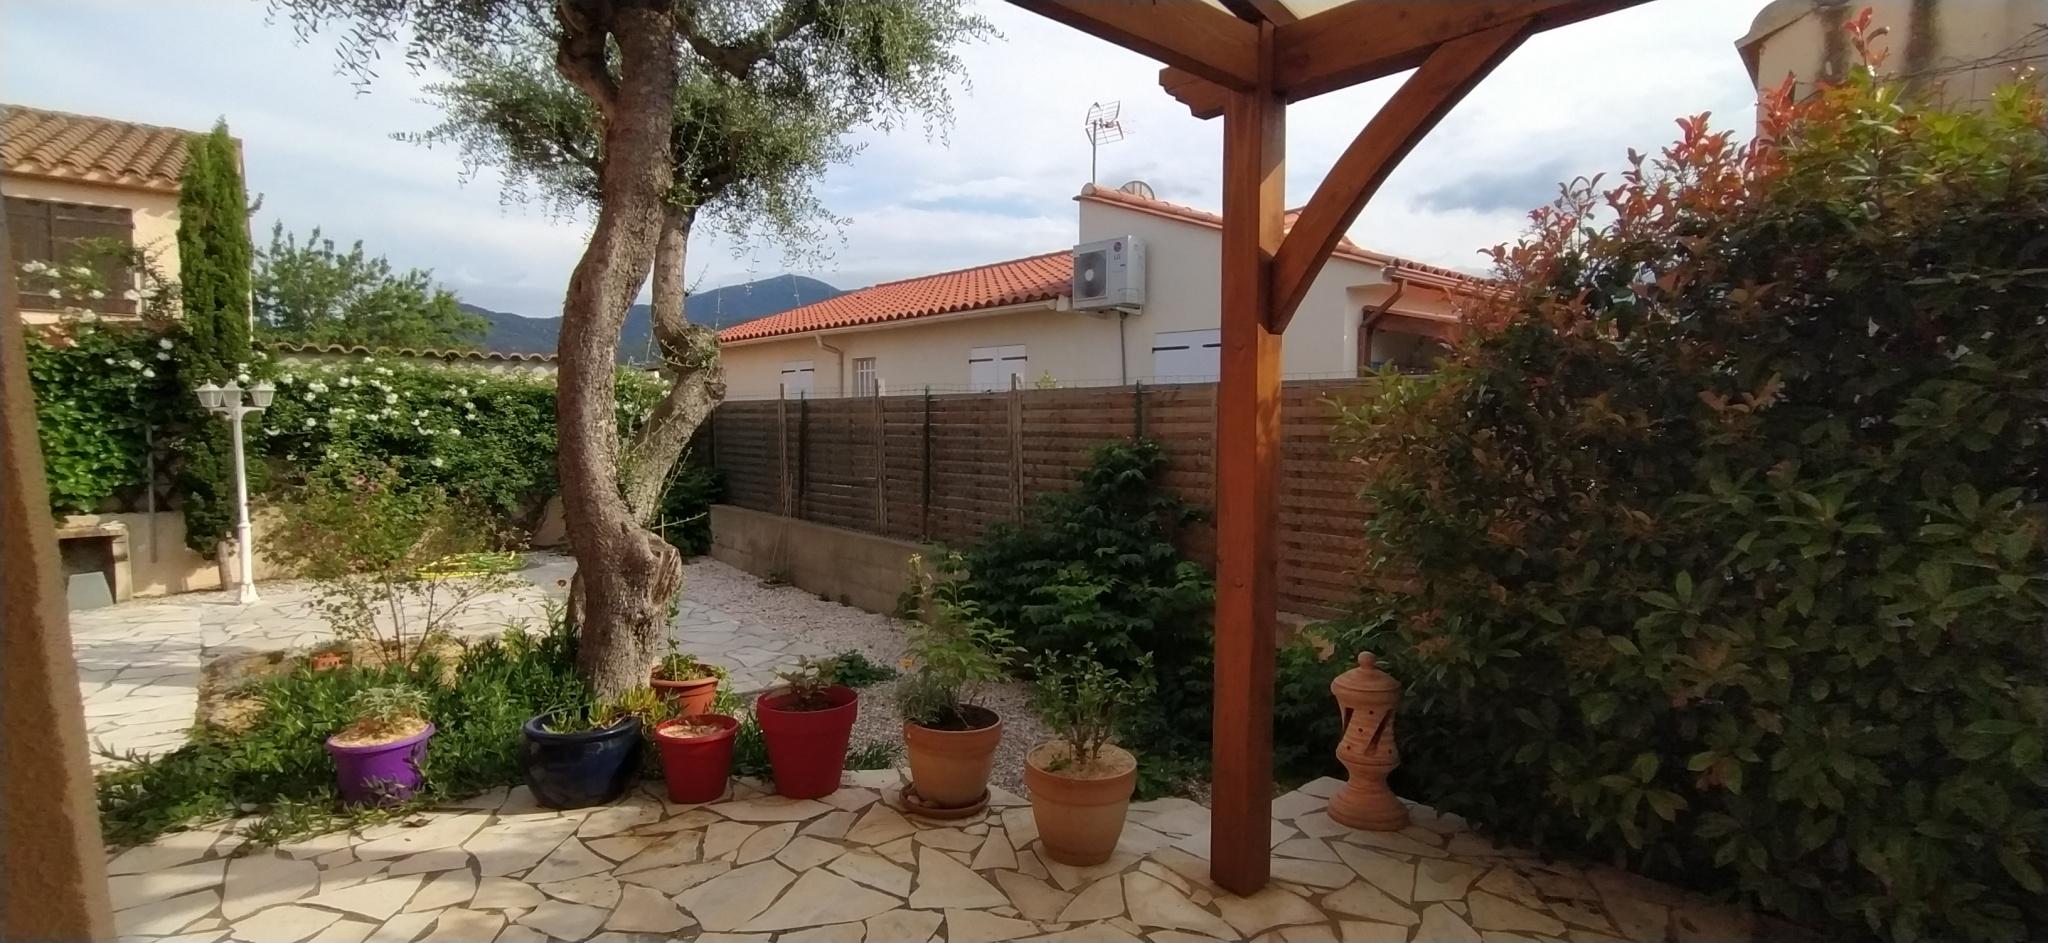 À vendre maison/villa de 140m2 à argeles sur mer (66700) - Photo 15'